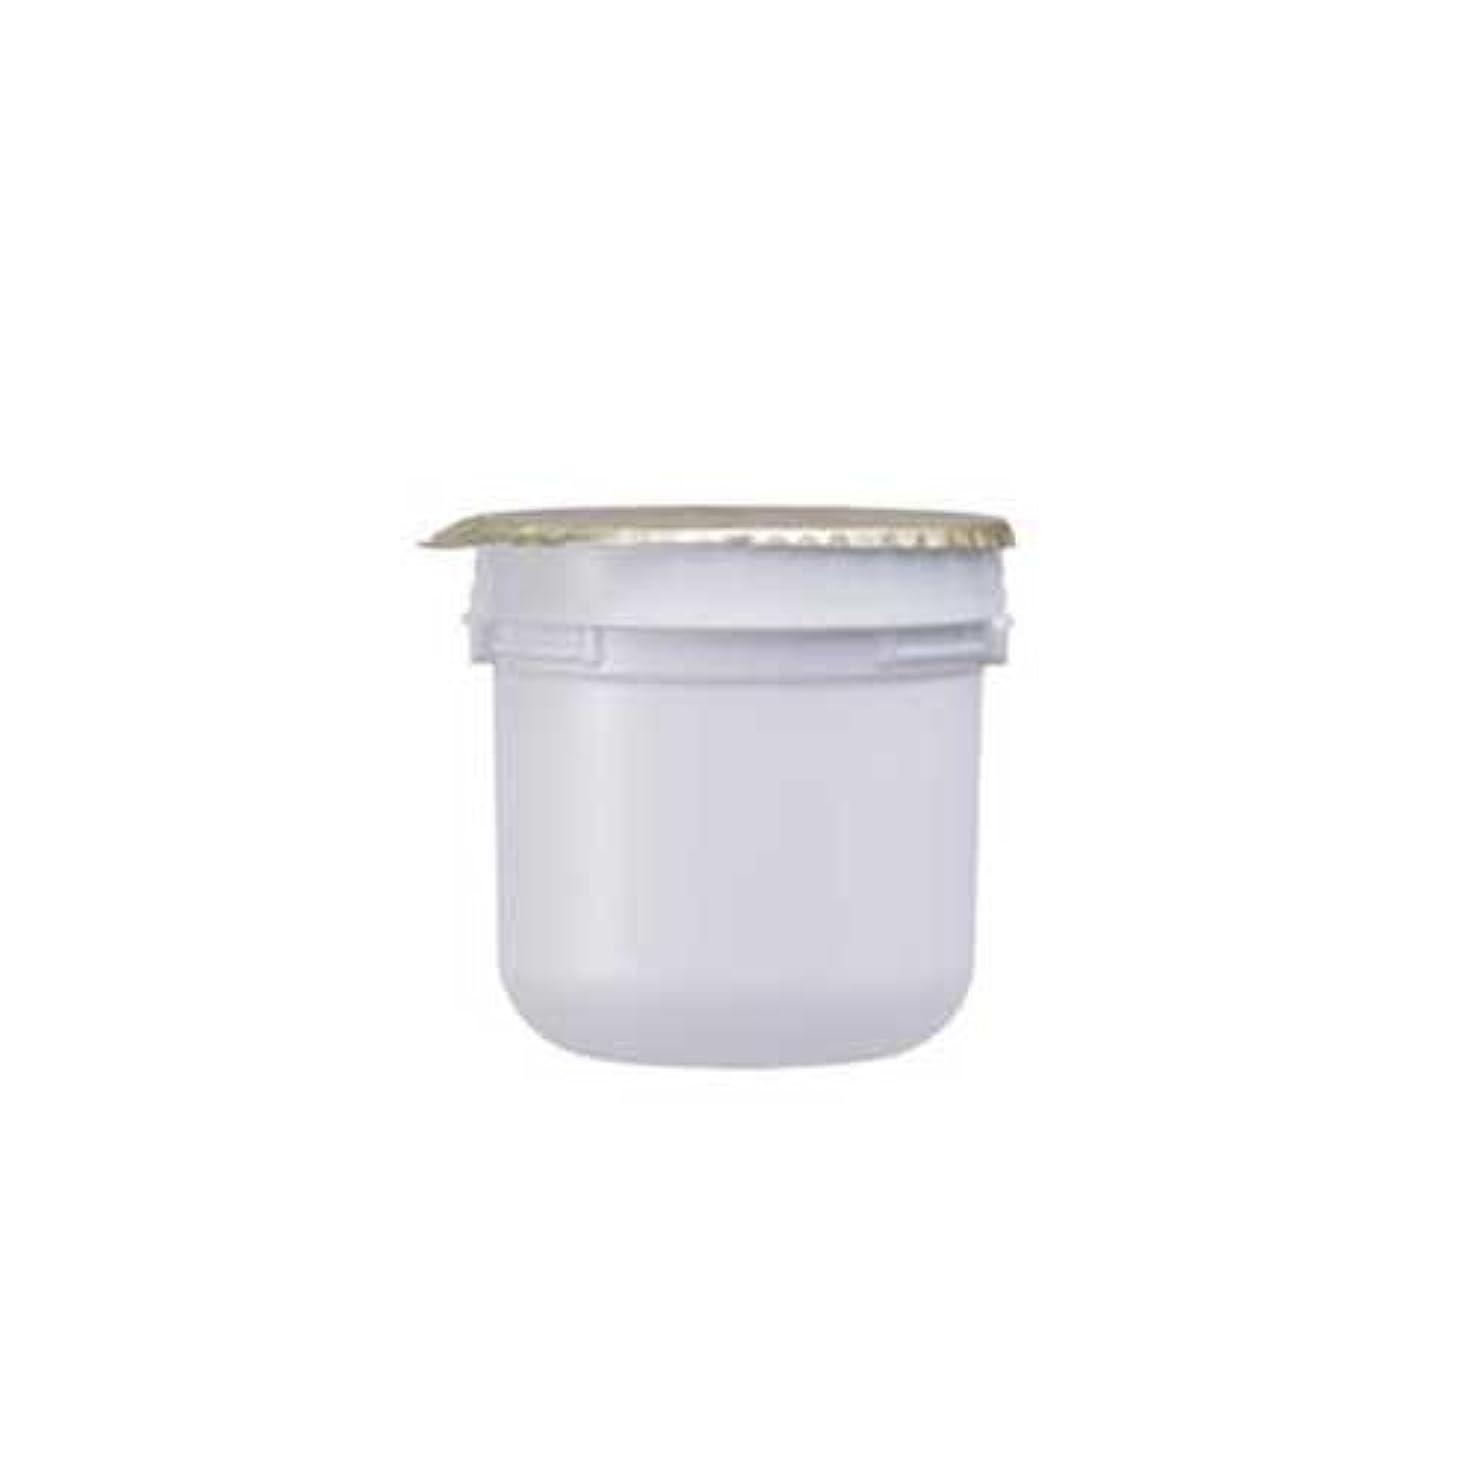 ドット右財布ASTALIFT(アスタリフト) ホワイト クリーム(美白クリーム)レフィル 30g